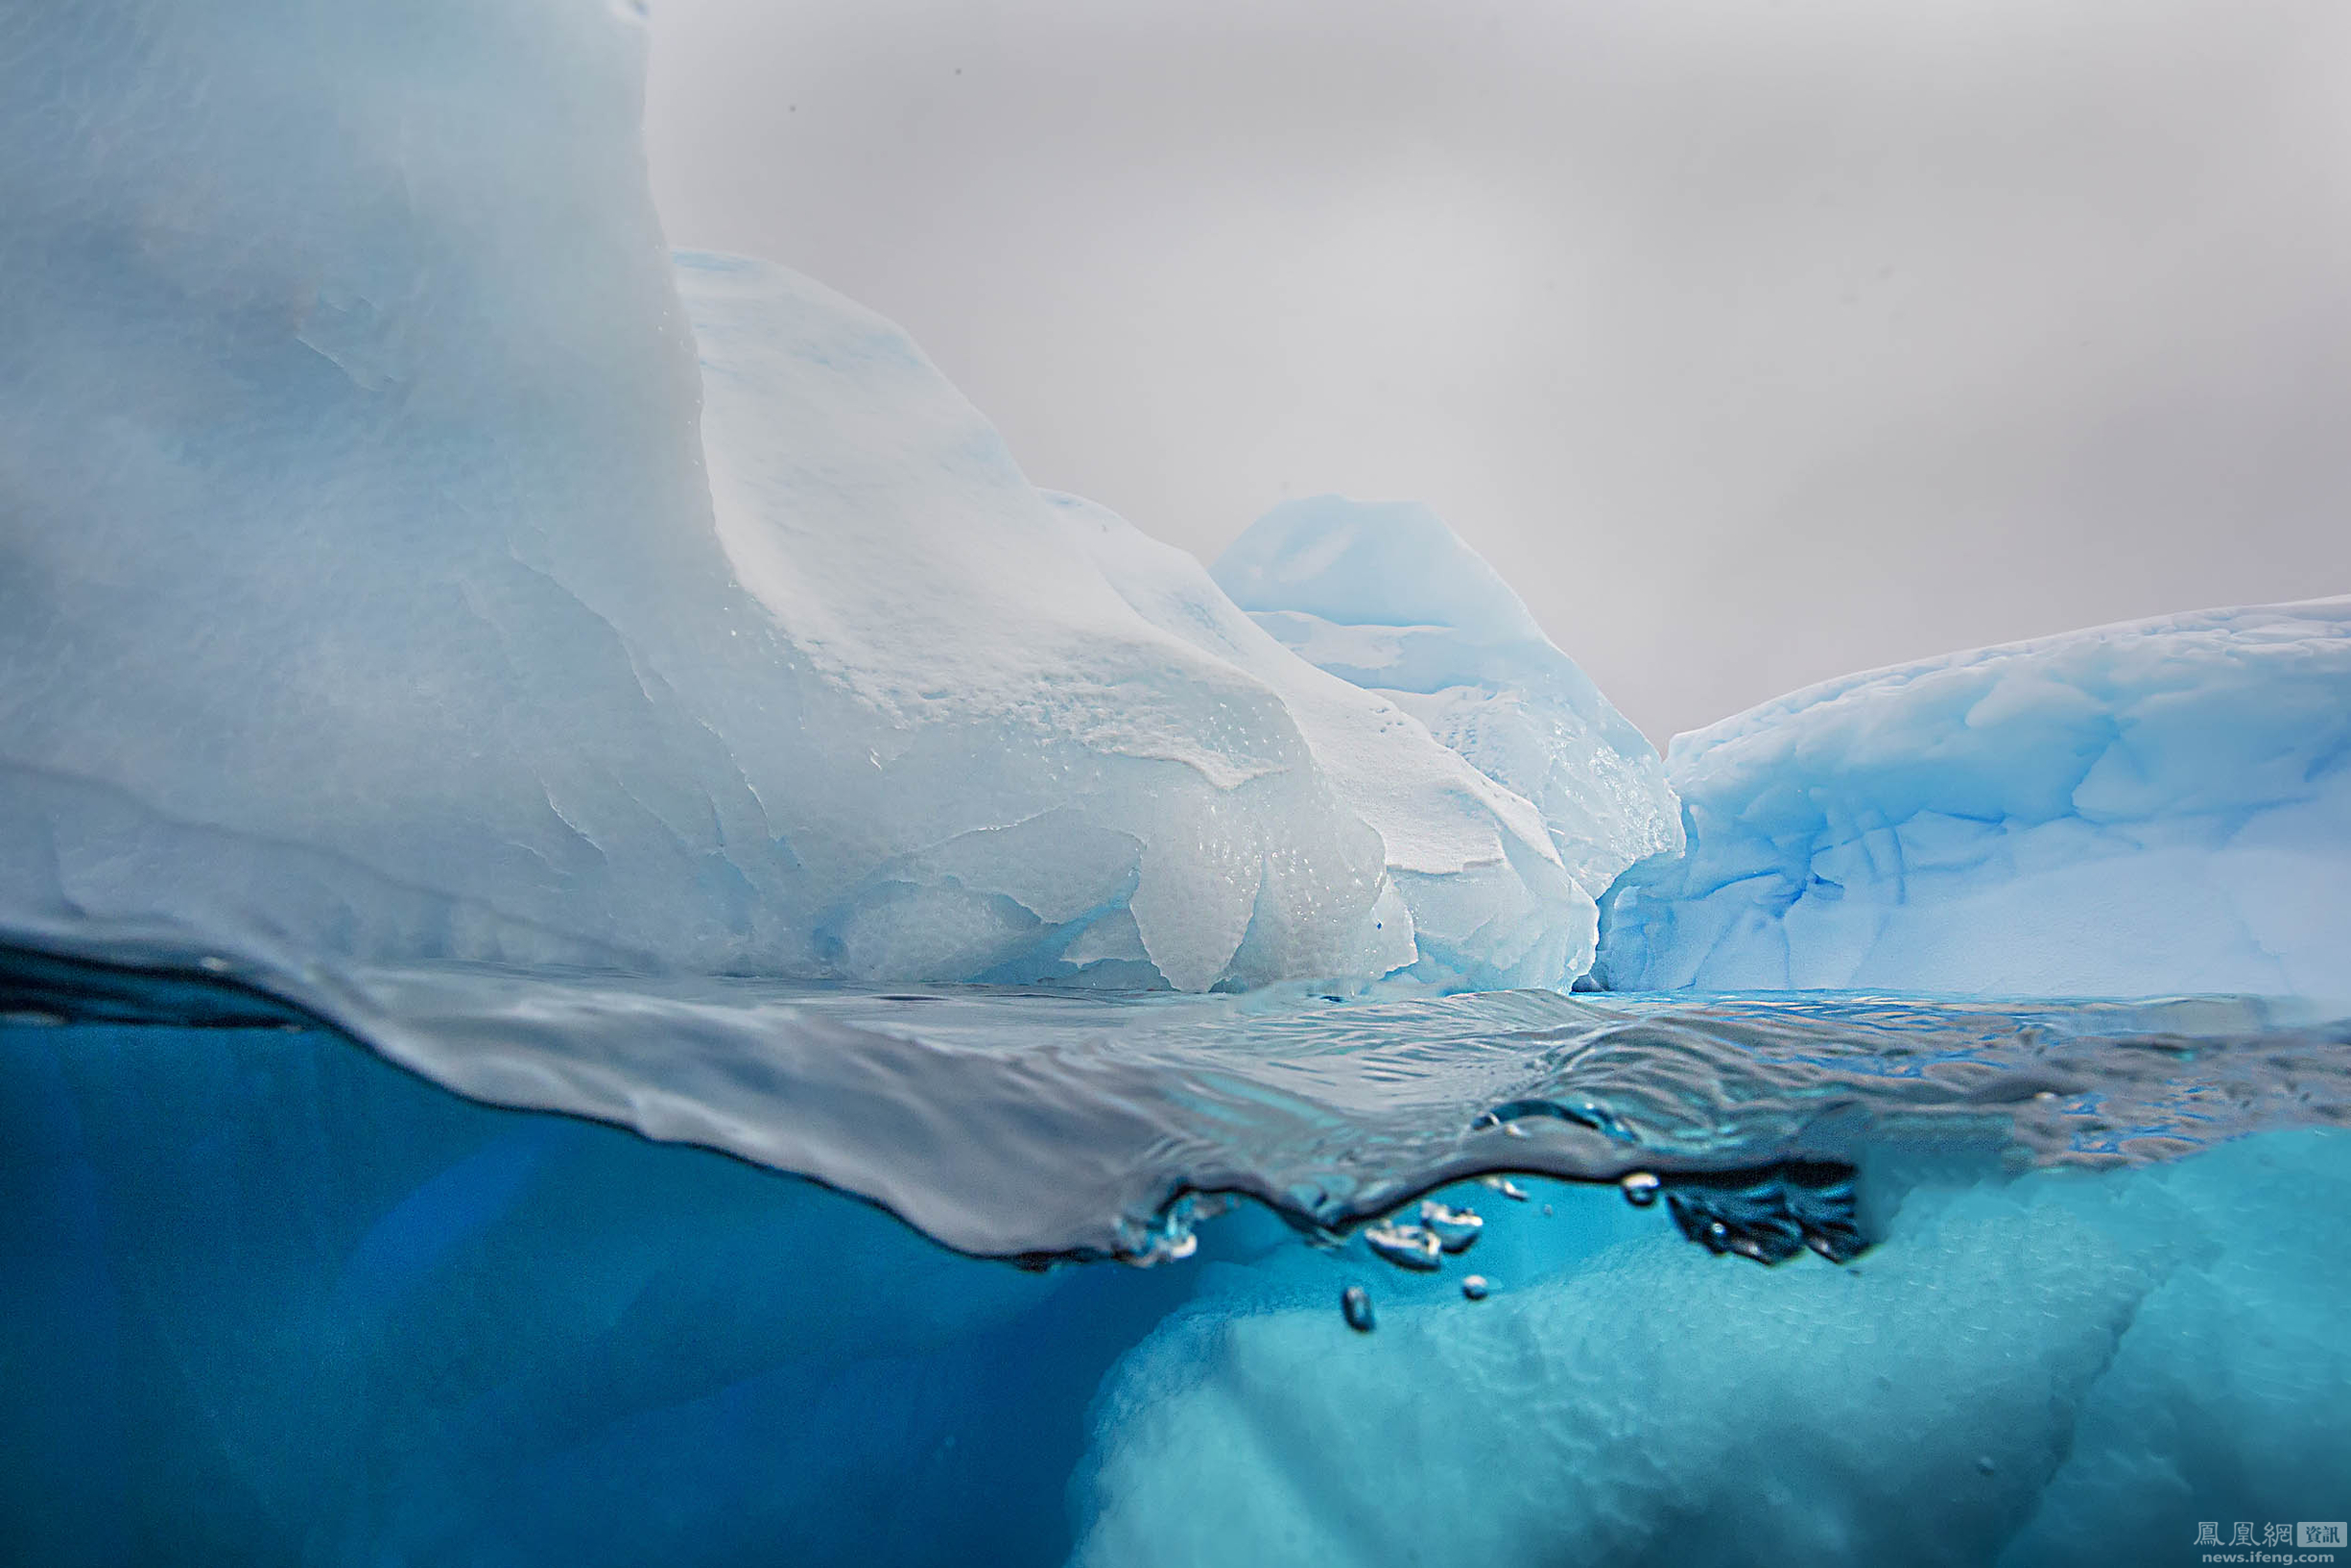 资讯_南极冰川下的美景_资讯频道_凤凰网